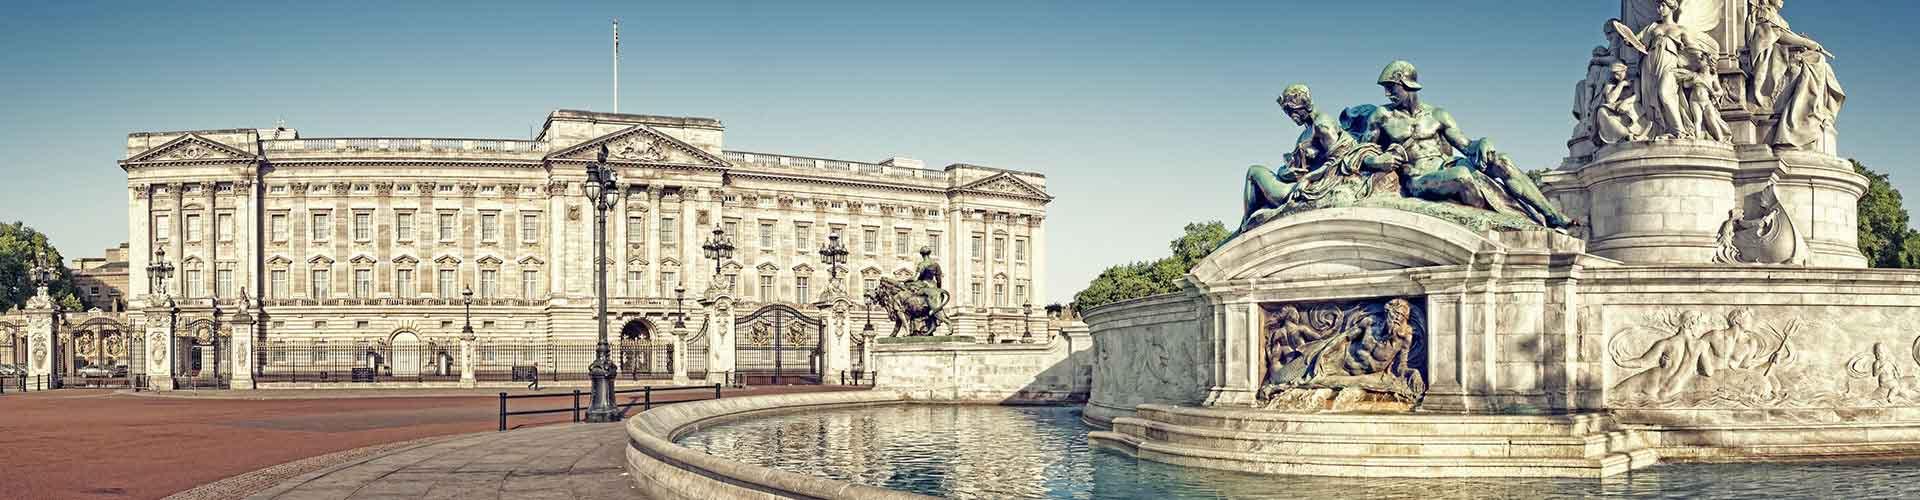 런던 - 버킹엄 궁전에 가까운 아파트. 런던의 지도, 런던에 위치한 아파트에 대한 사진 및 리뷰.